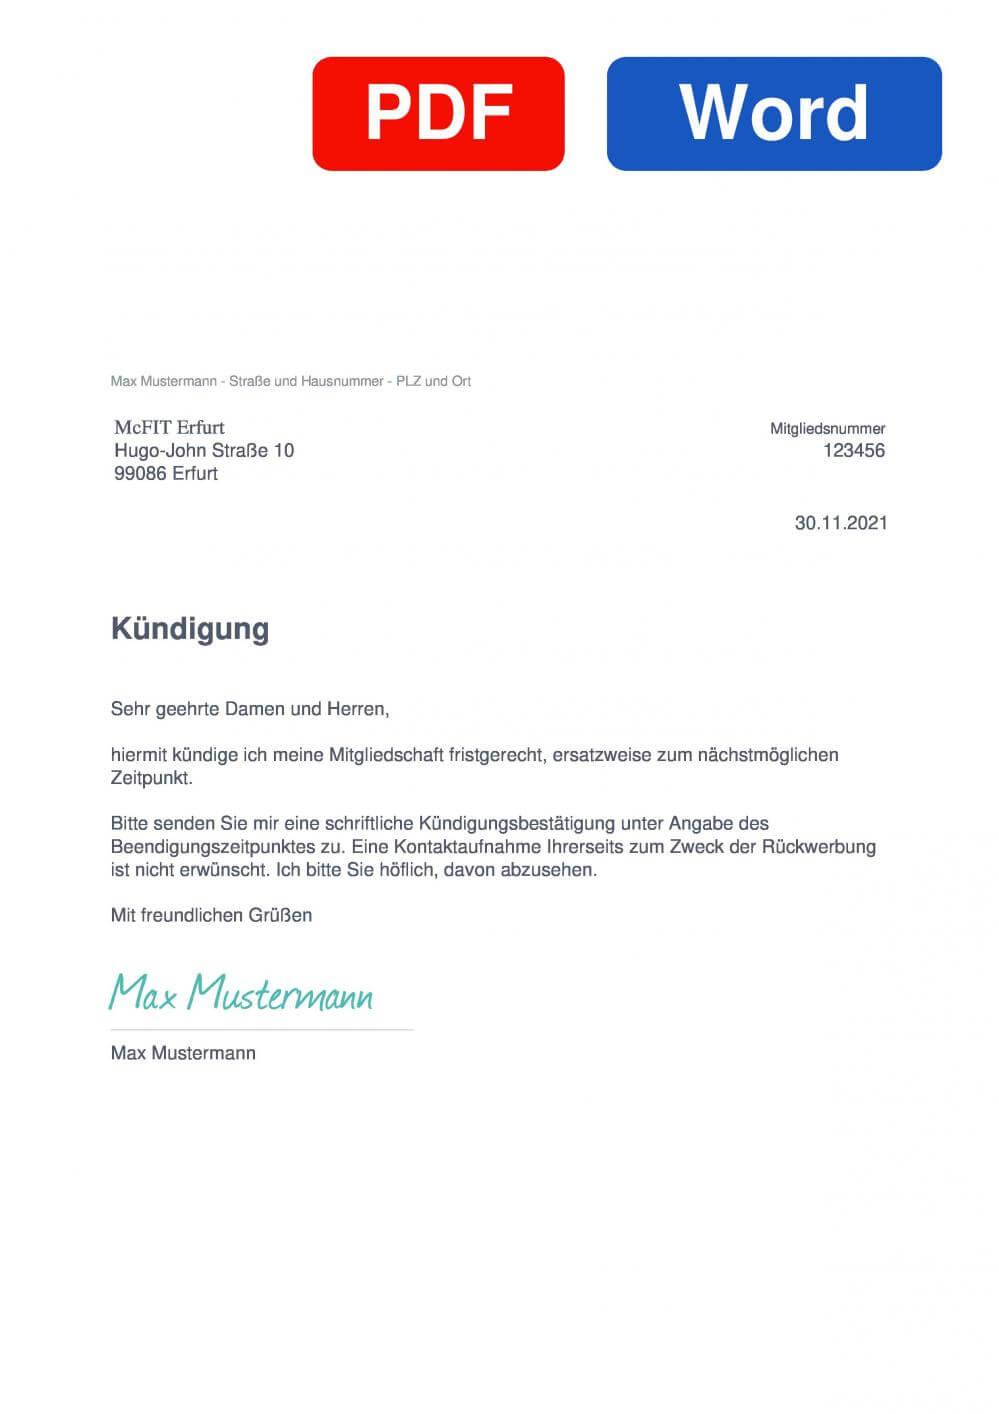 McFIT Erfurt Muster Vorlage für Kündigungsschreiben